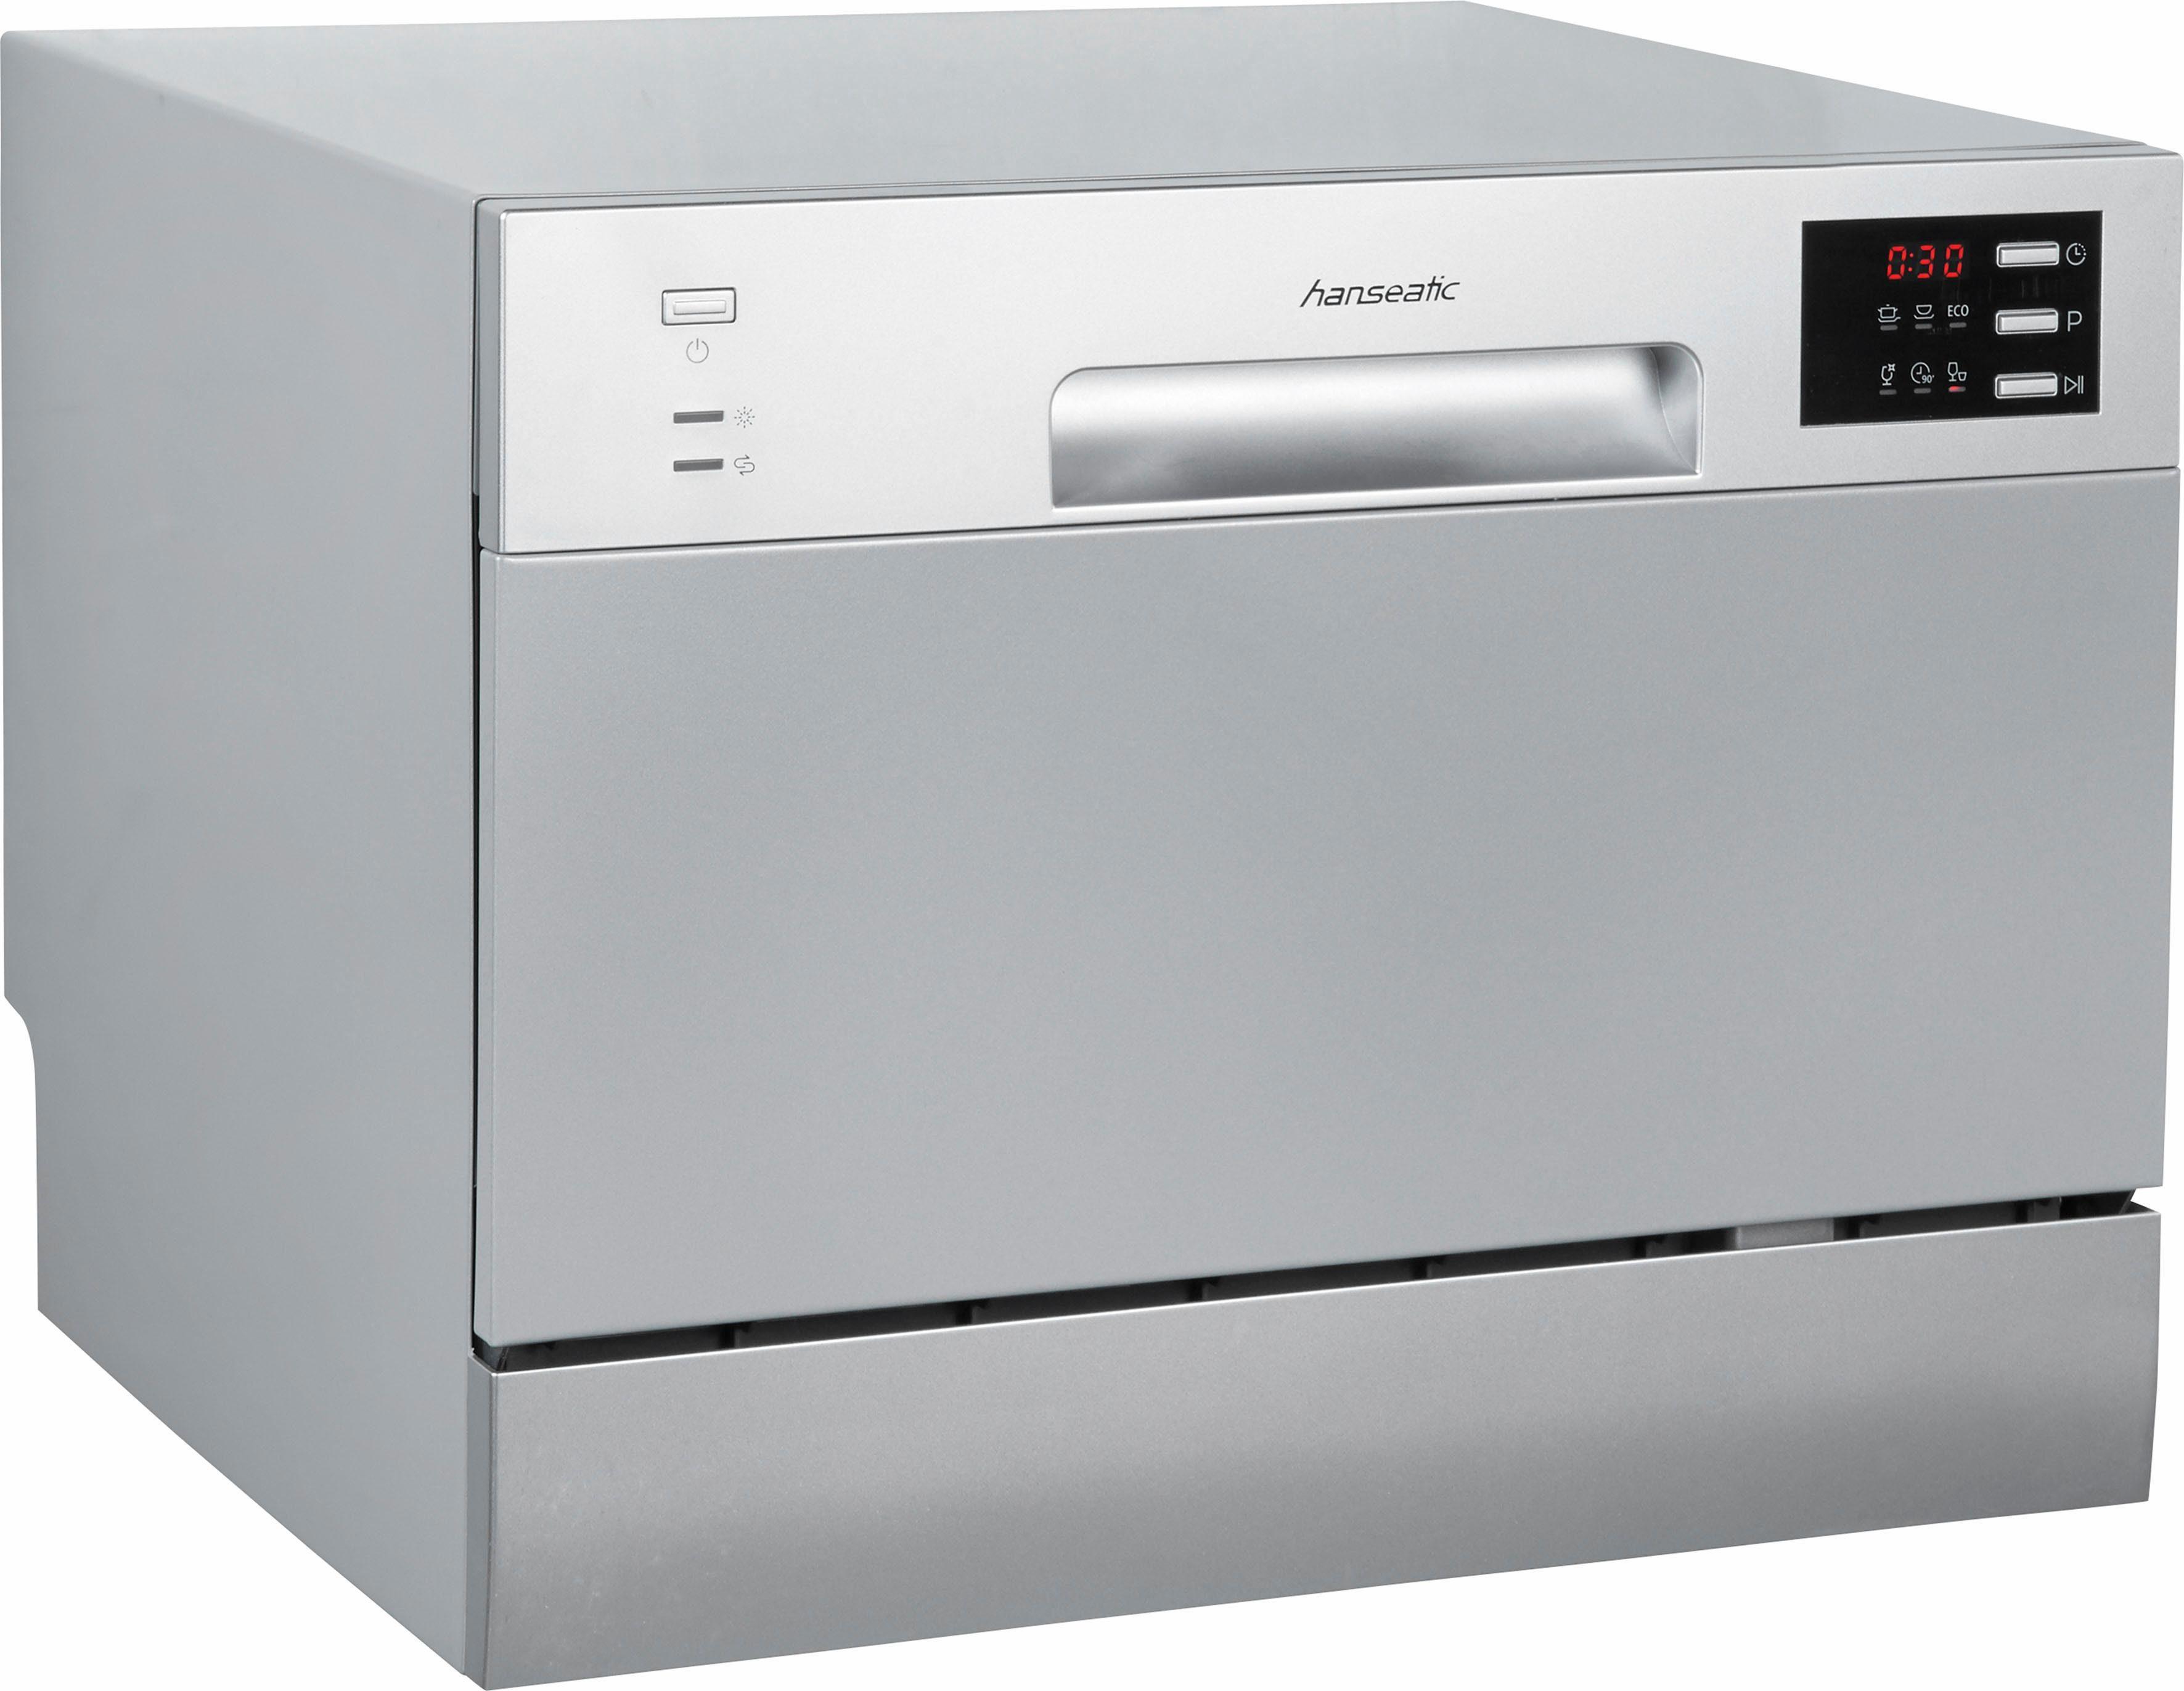 Mini Kühlschrank Otto : Tischgeschirrspüler online kaufen mini spülmaschine otto